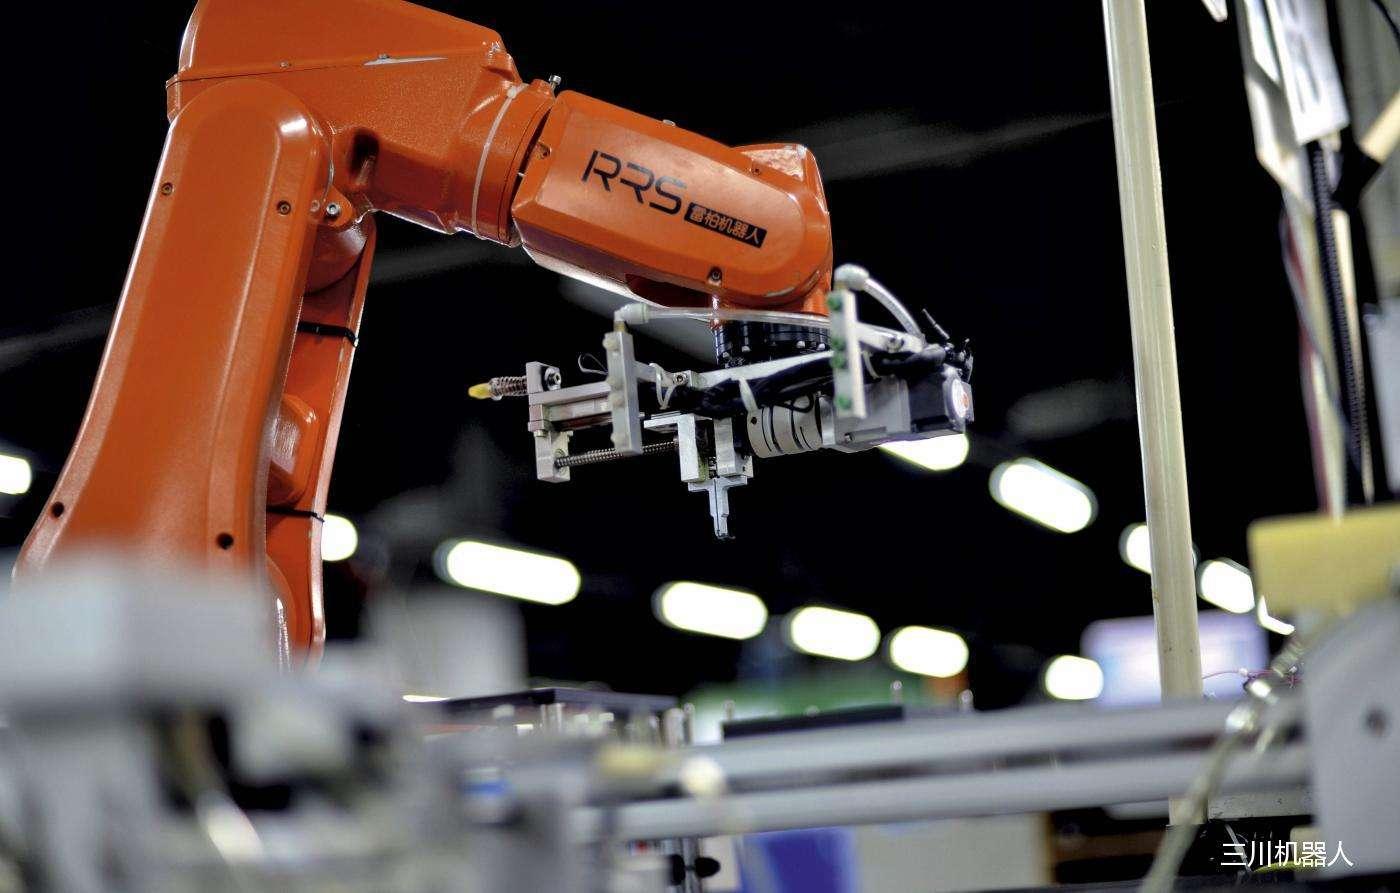 中国制造业自动化升级 工人学新技能以防被取代